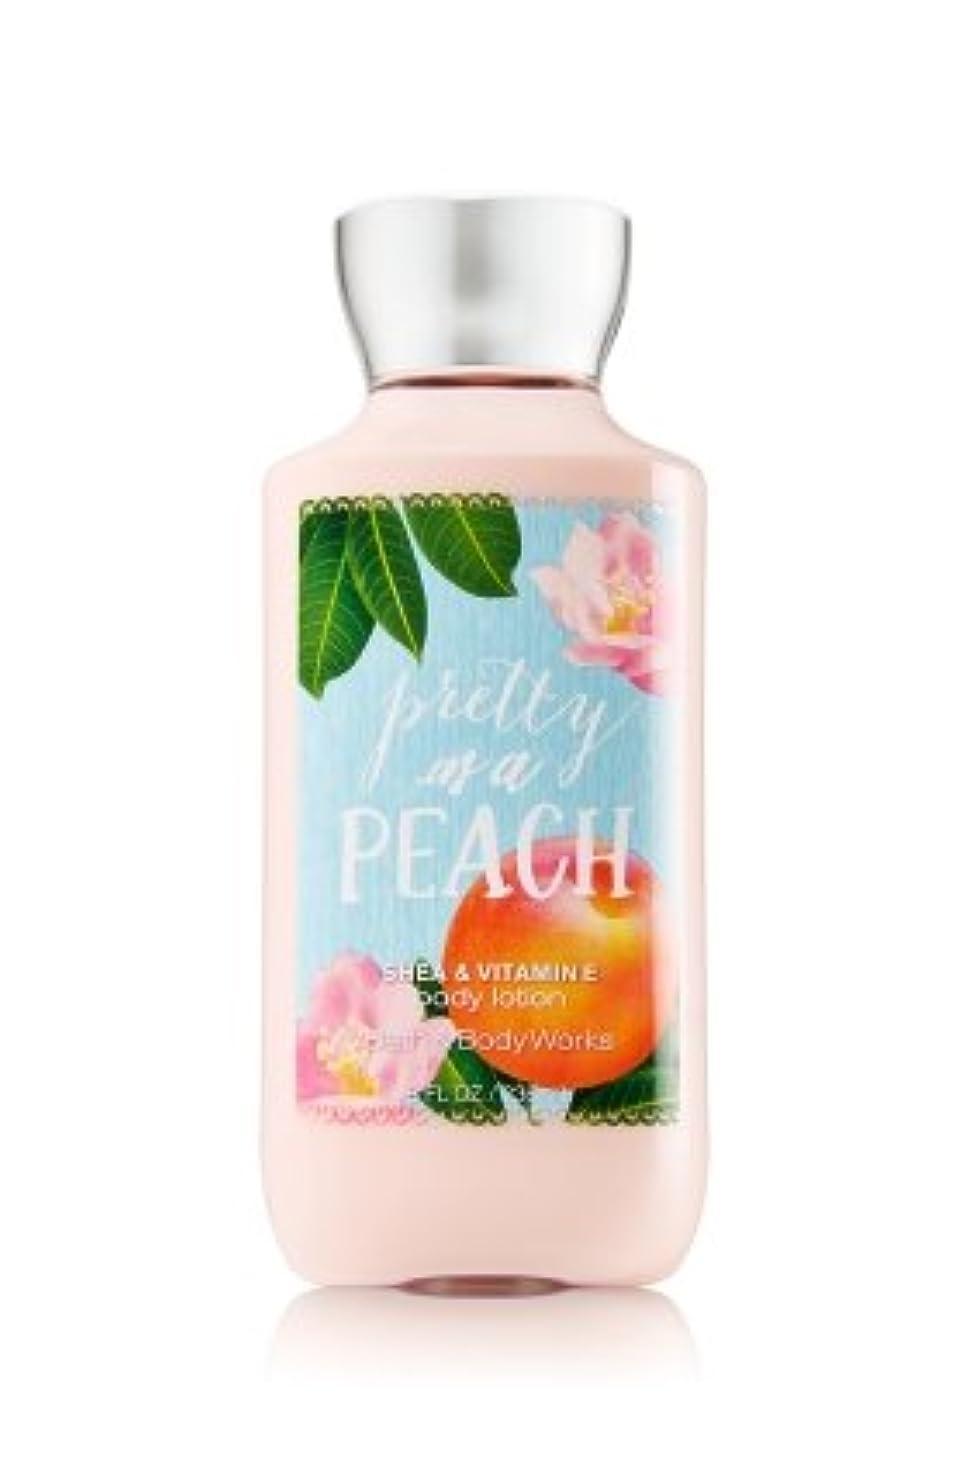 構造的交通渋滞立ち向かう【Bath&Body Works/バス&ボディワークス】 ボディローション プリティーアズアピーチ Body Lotion Pretty As A Peach 8 fl oz / 236 mL [並行輸入品]